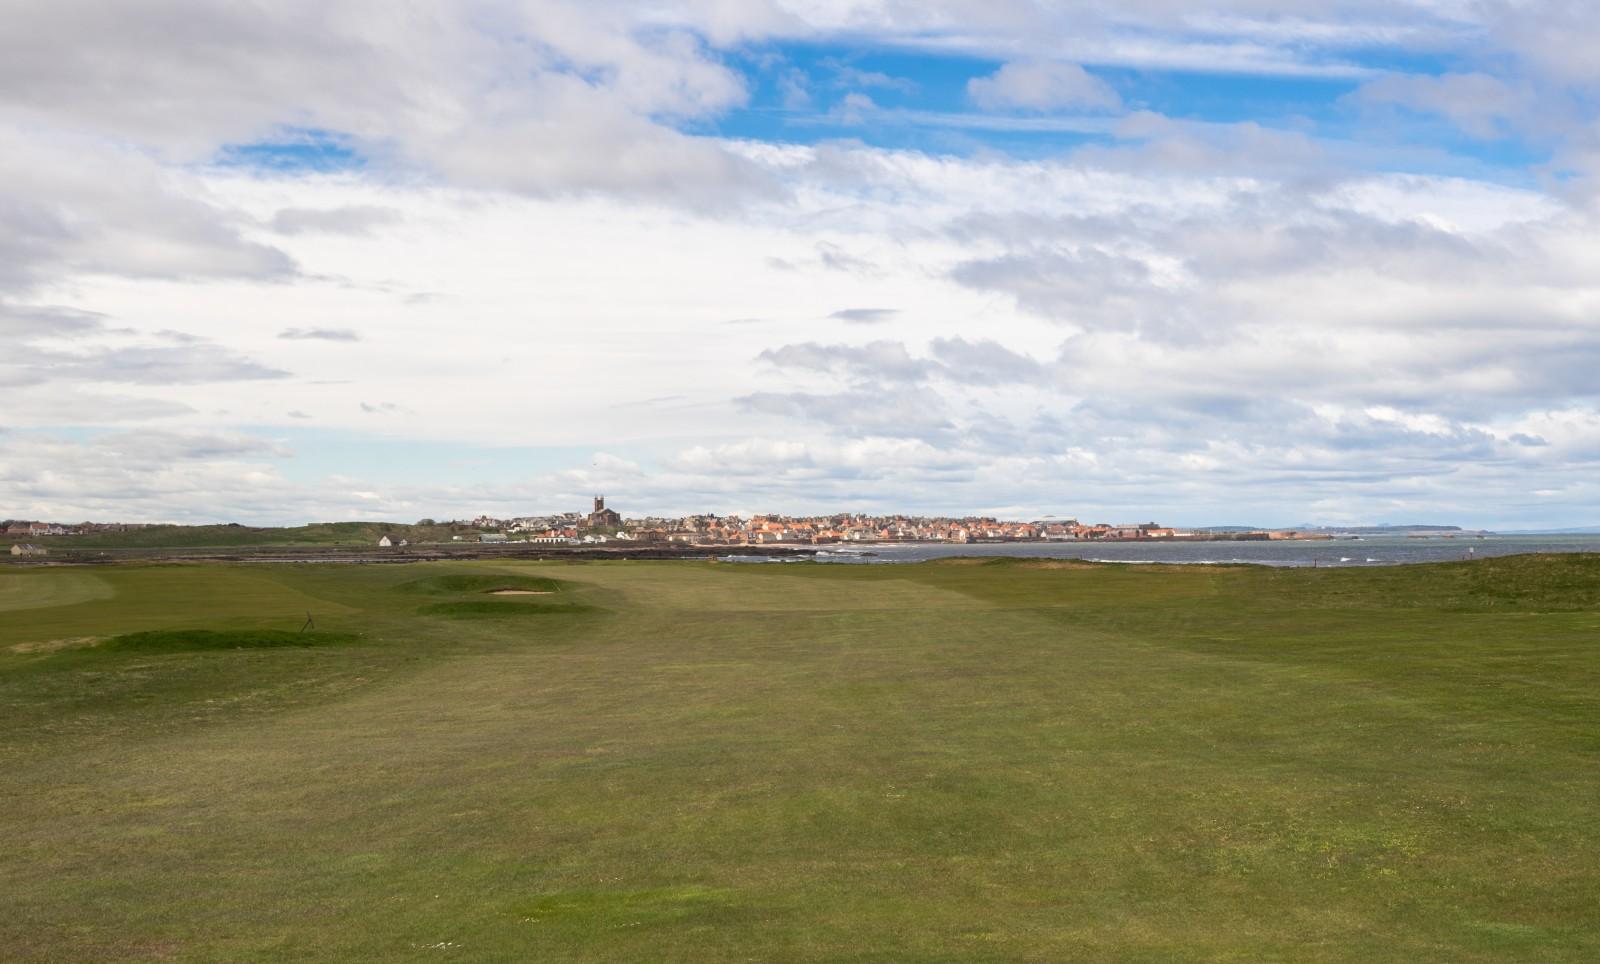 Dunbar Loch 14 mit Blick auf die Stadt